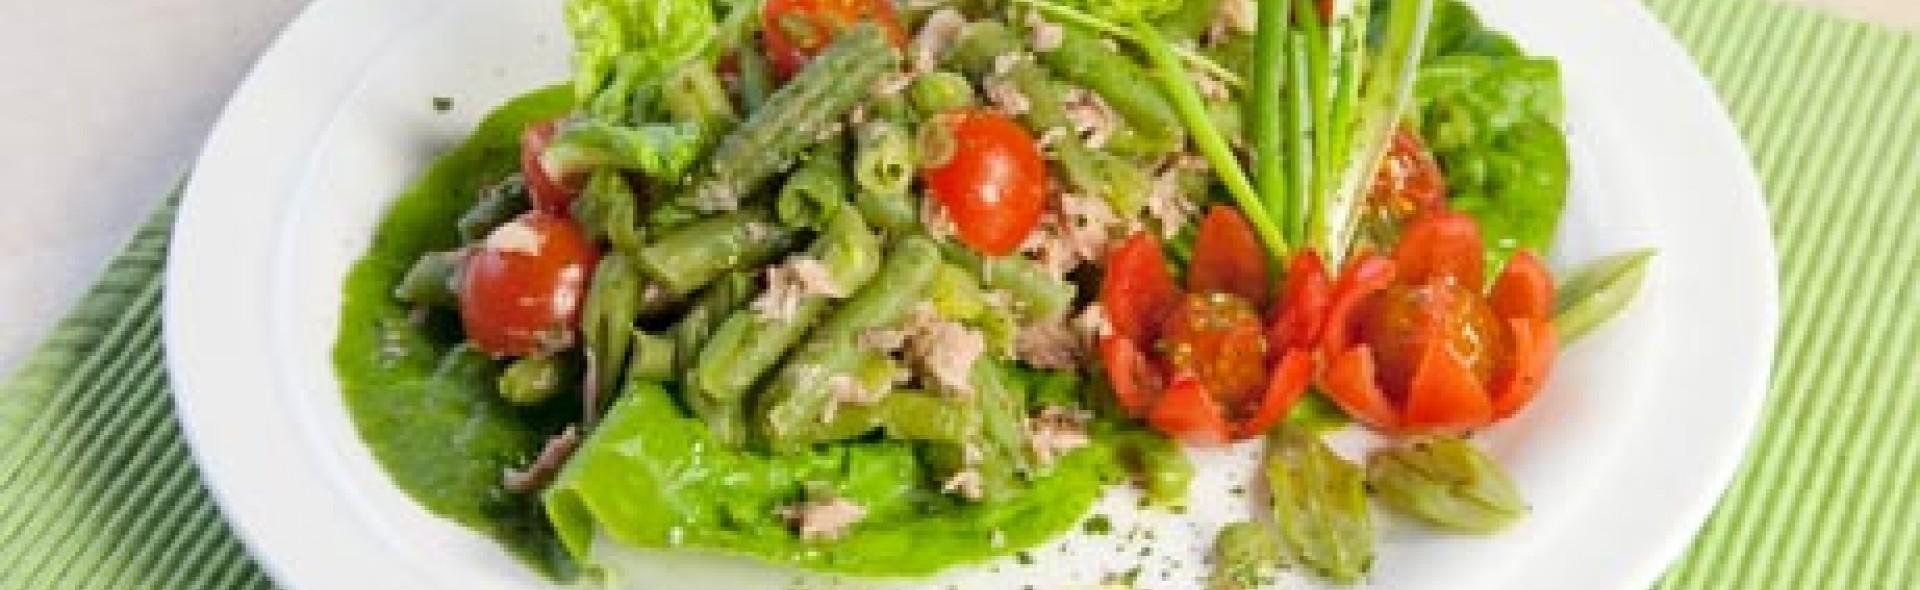 tomaten bohnen salat love my salad. Black Bedroom Furniture Sets. Home Design Ideas